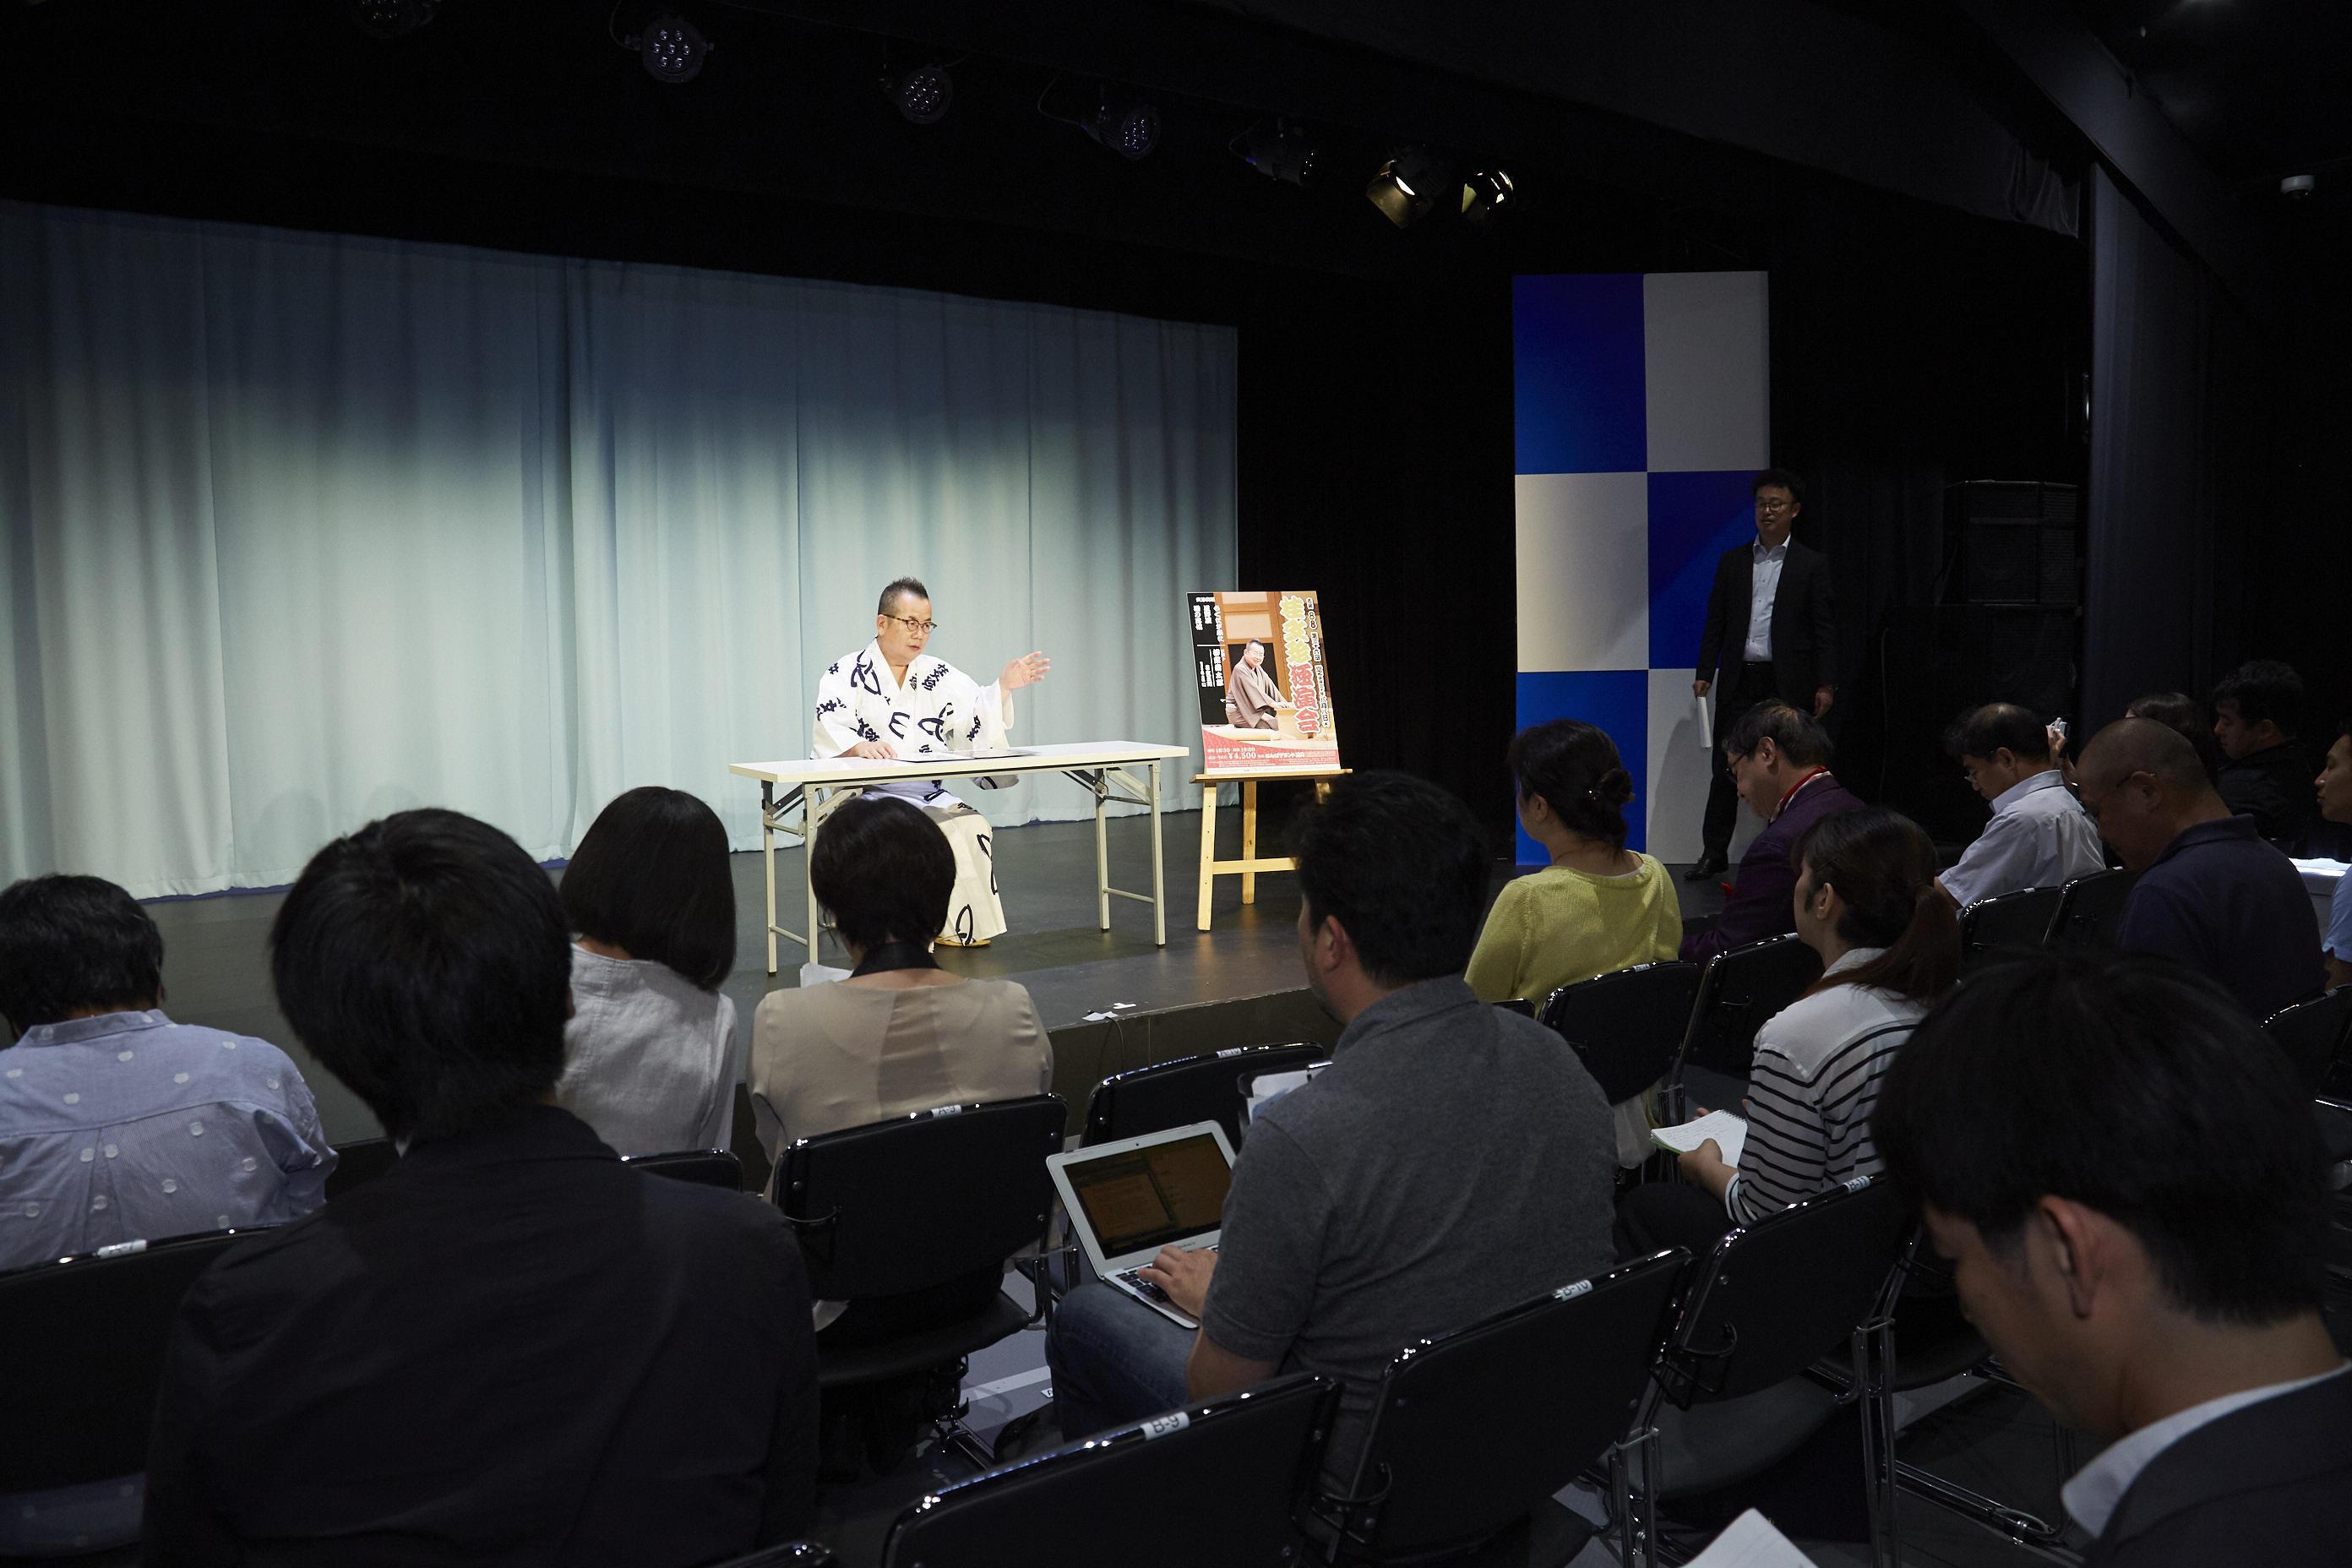 http://news.yoshimoto.co.jp/20180614132204-424db372414455afee4478cc069f696b9bc9b144.jpg